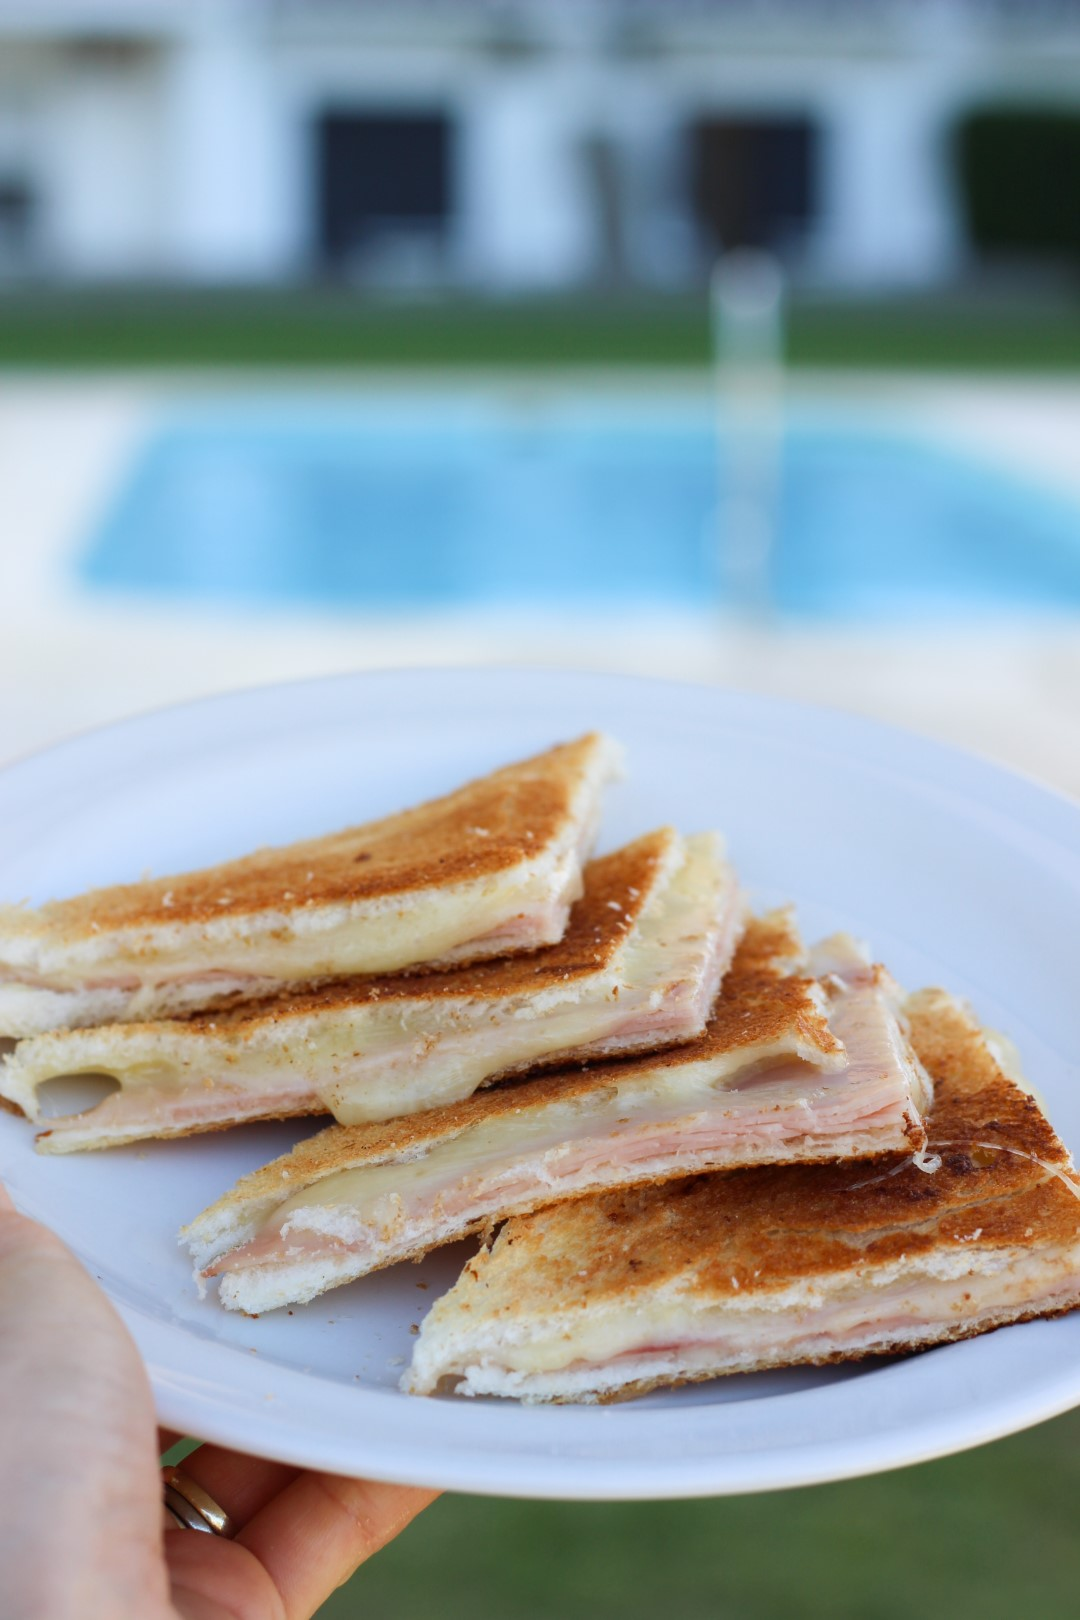 hotel terraza del mar, playa, uruguay, sandwich caliente, tostado